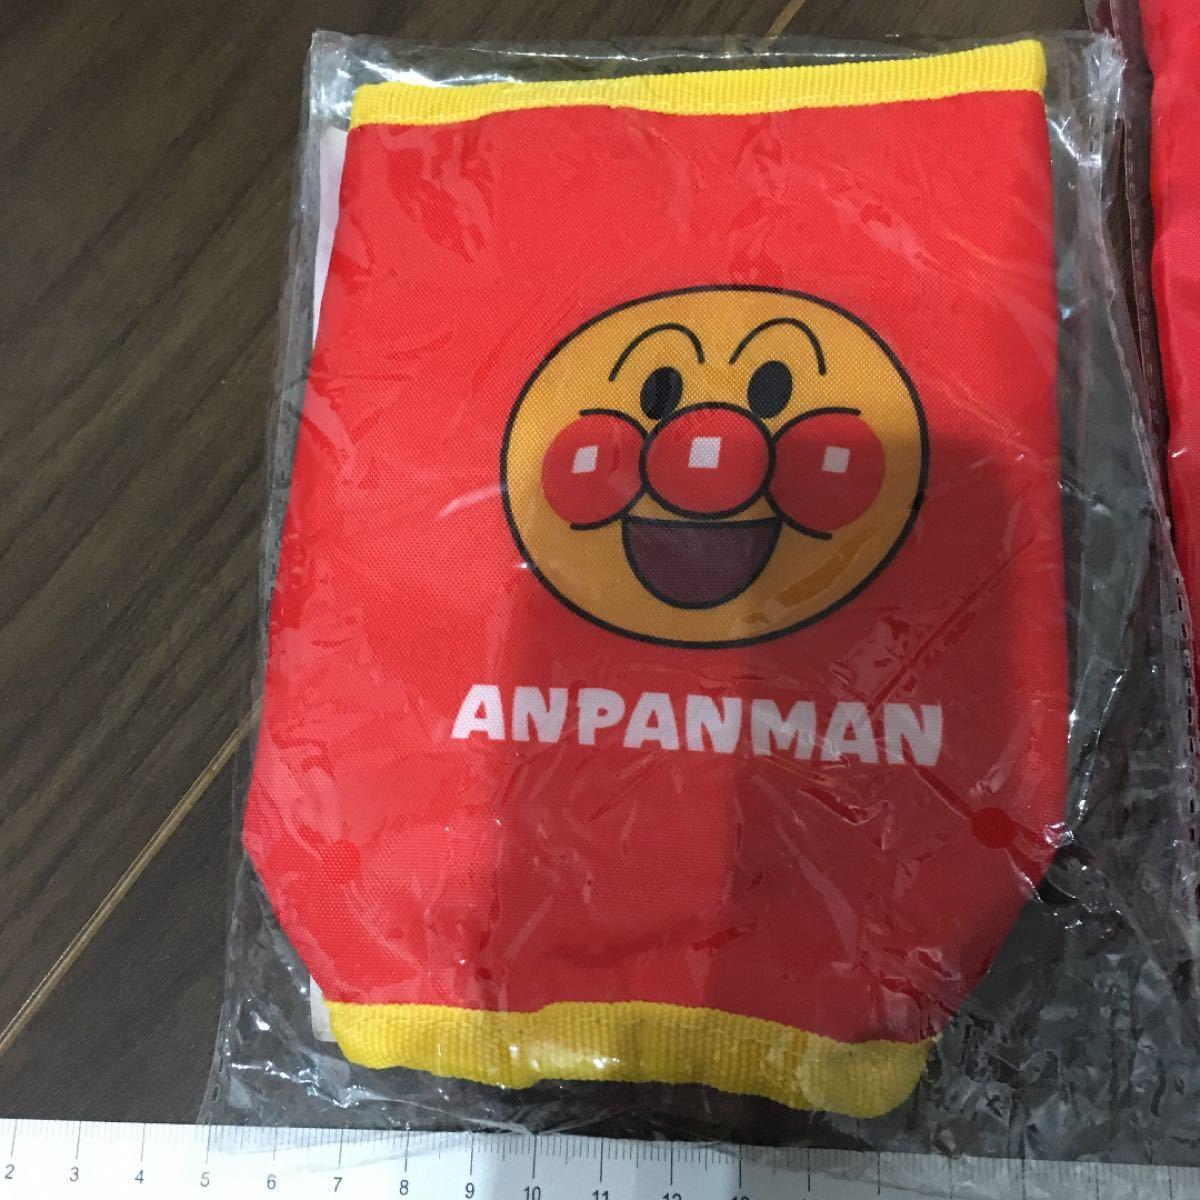 アンパンマン アサヒ飲料 アサヒ バイキンマン メロンパンナ ペットボトルホルダー ストローボトル 巾着 やなせたかし